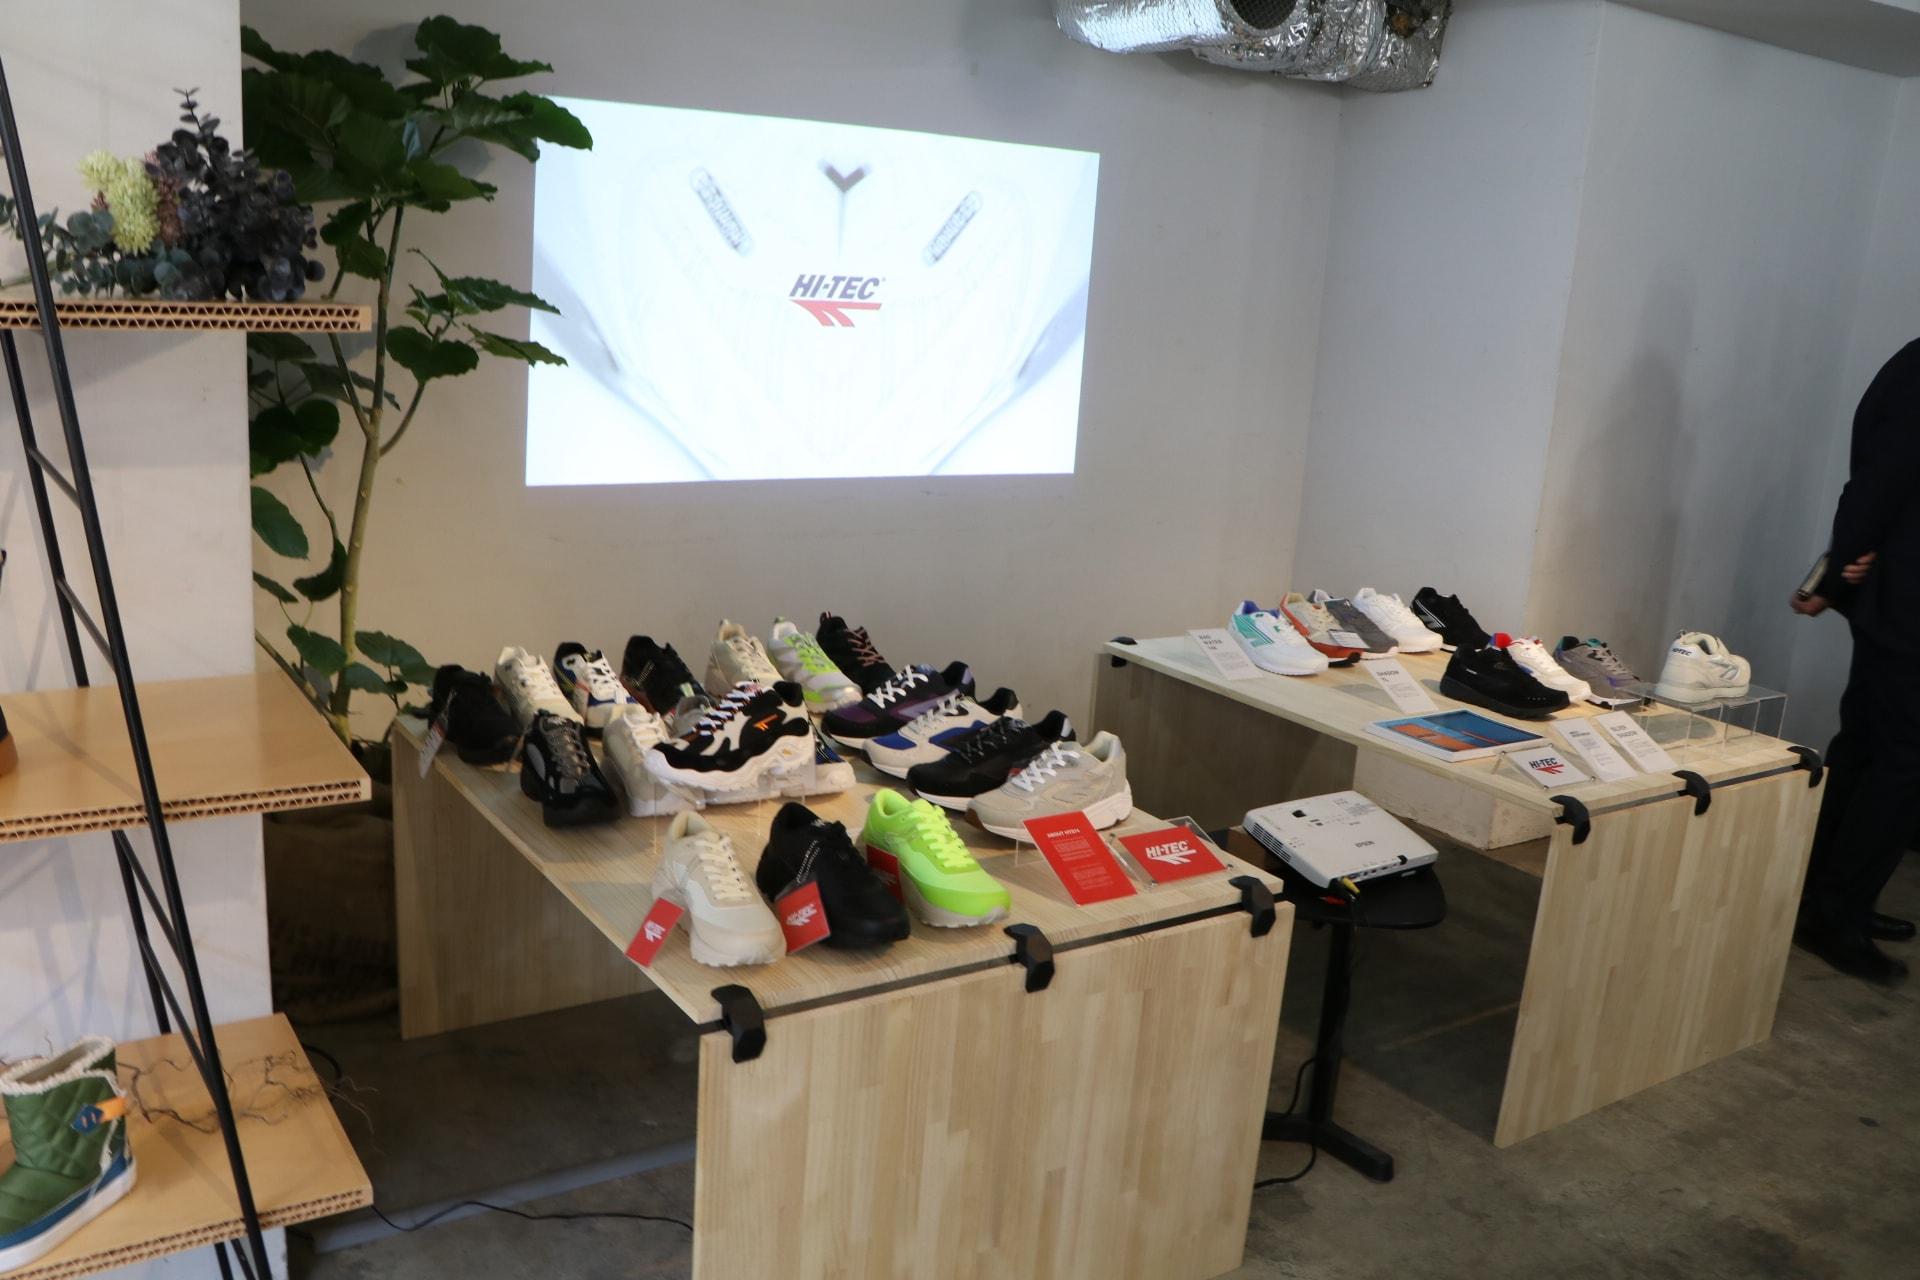 靴の展示会&商談会@神保町|TIME SHARING|タイムシェアリング|スペースマネジメント|あどばる|adval|SHARING